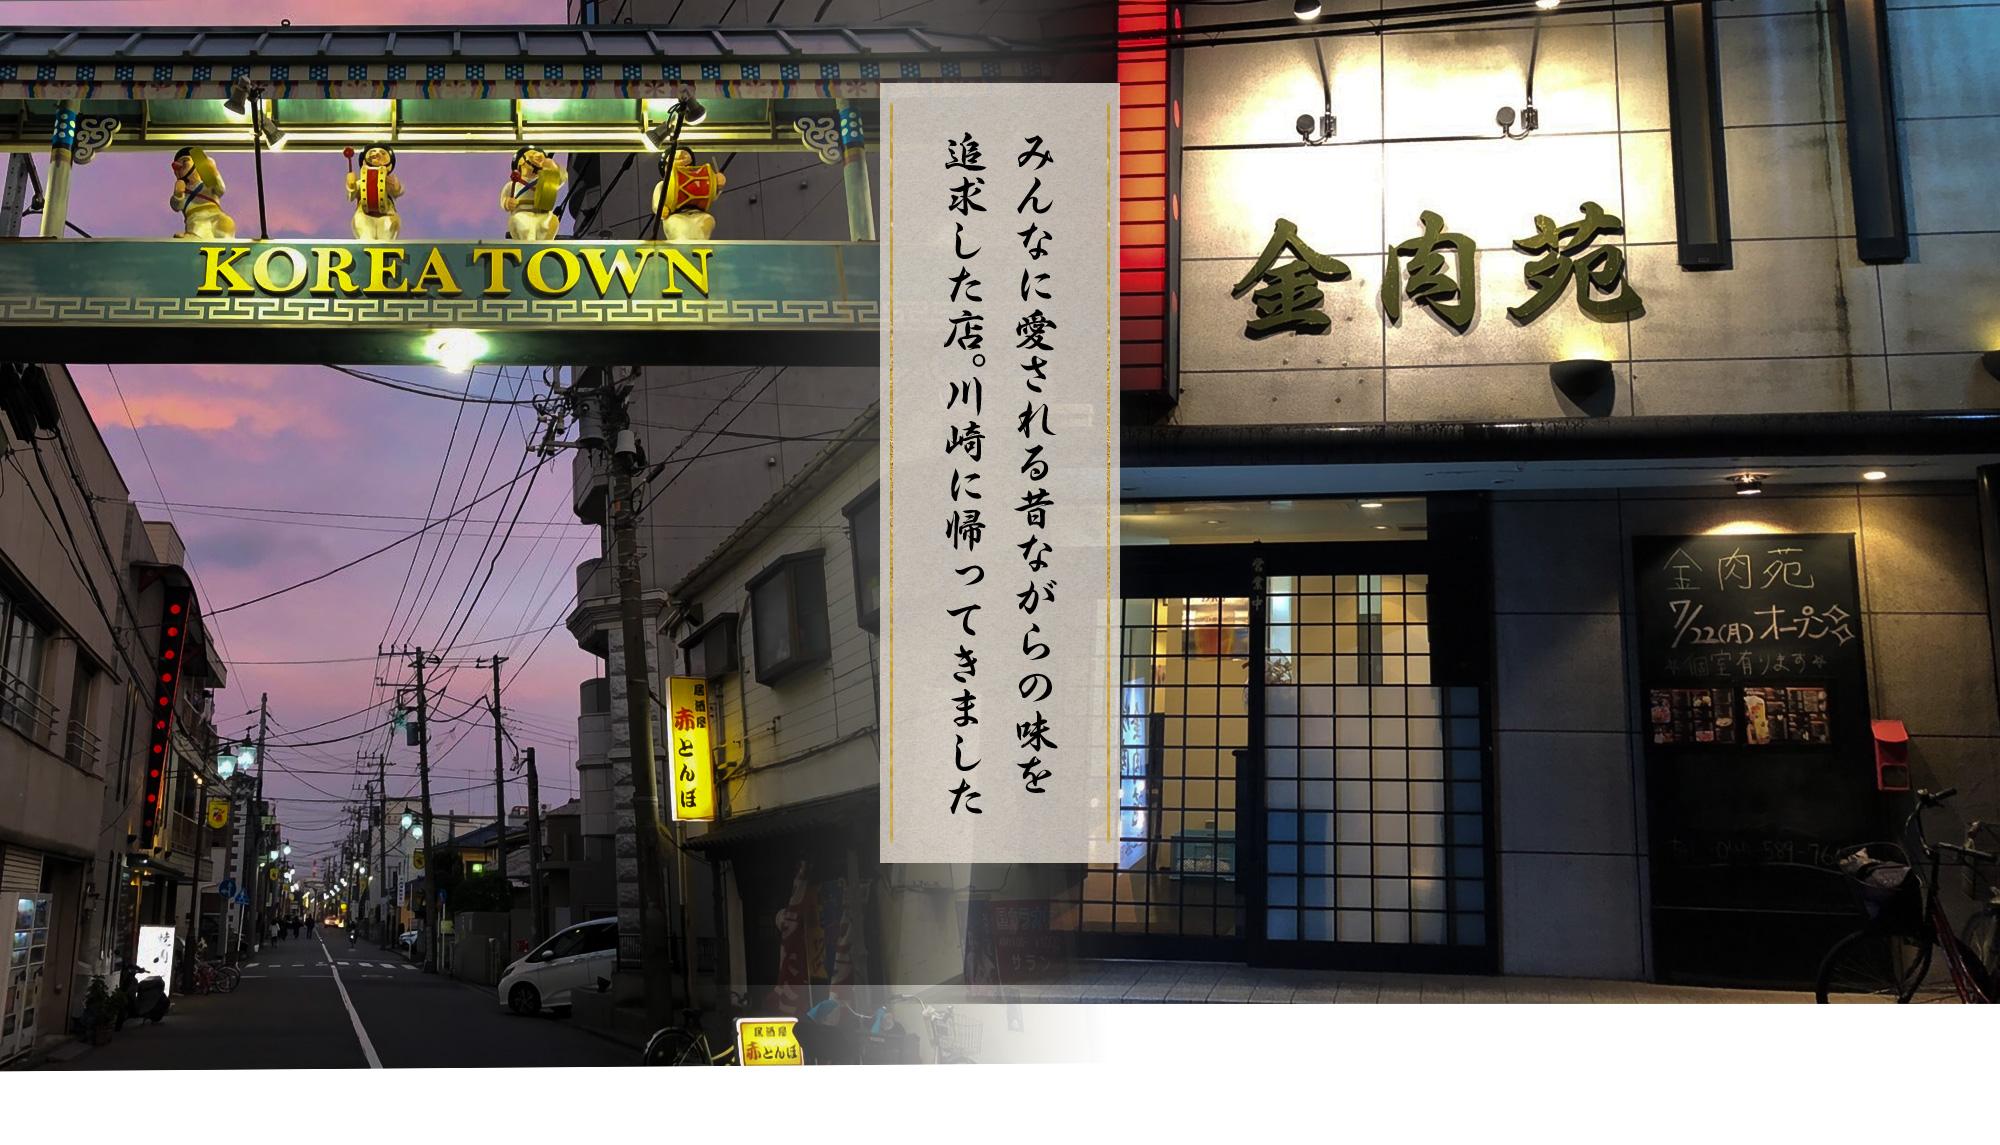 みんなに愛される、昔ながらの味を追求した店、川崎に帰ってきました